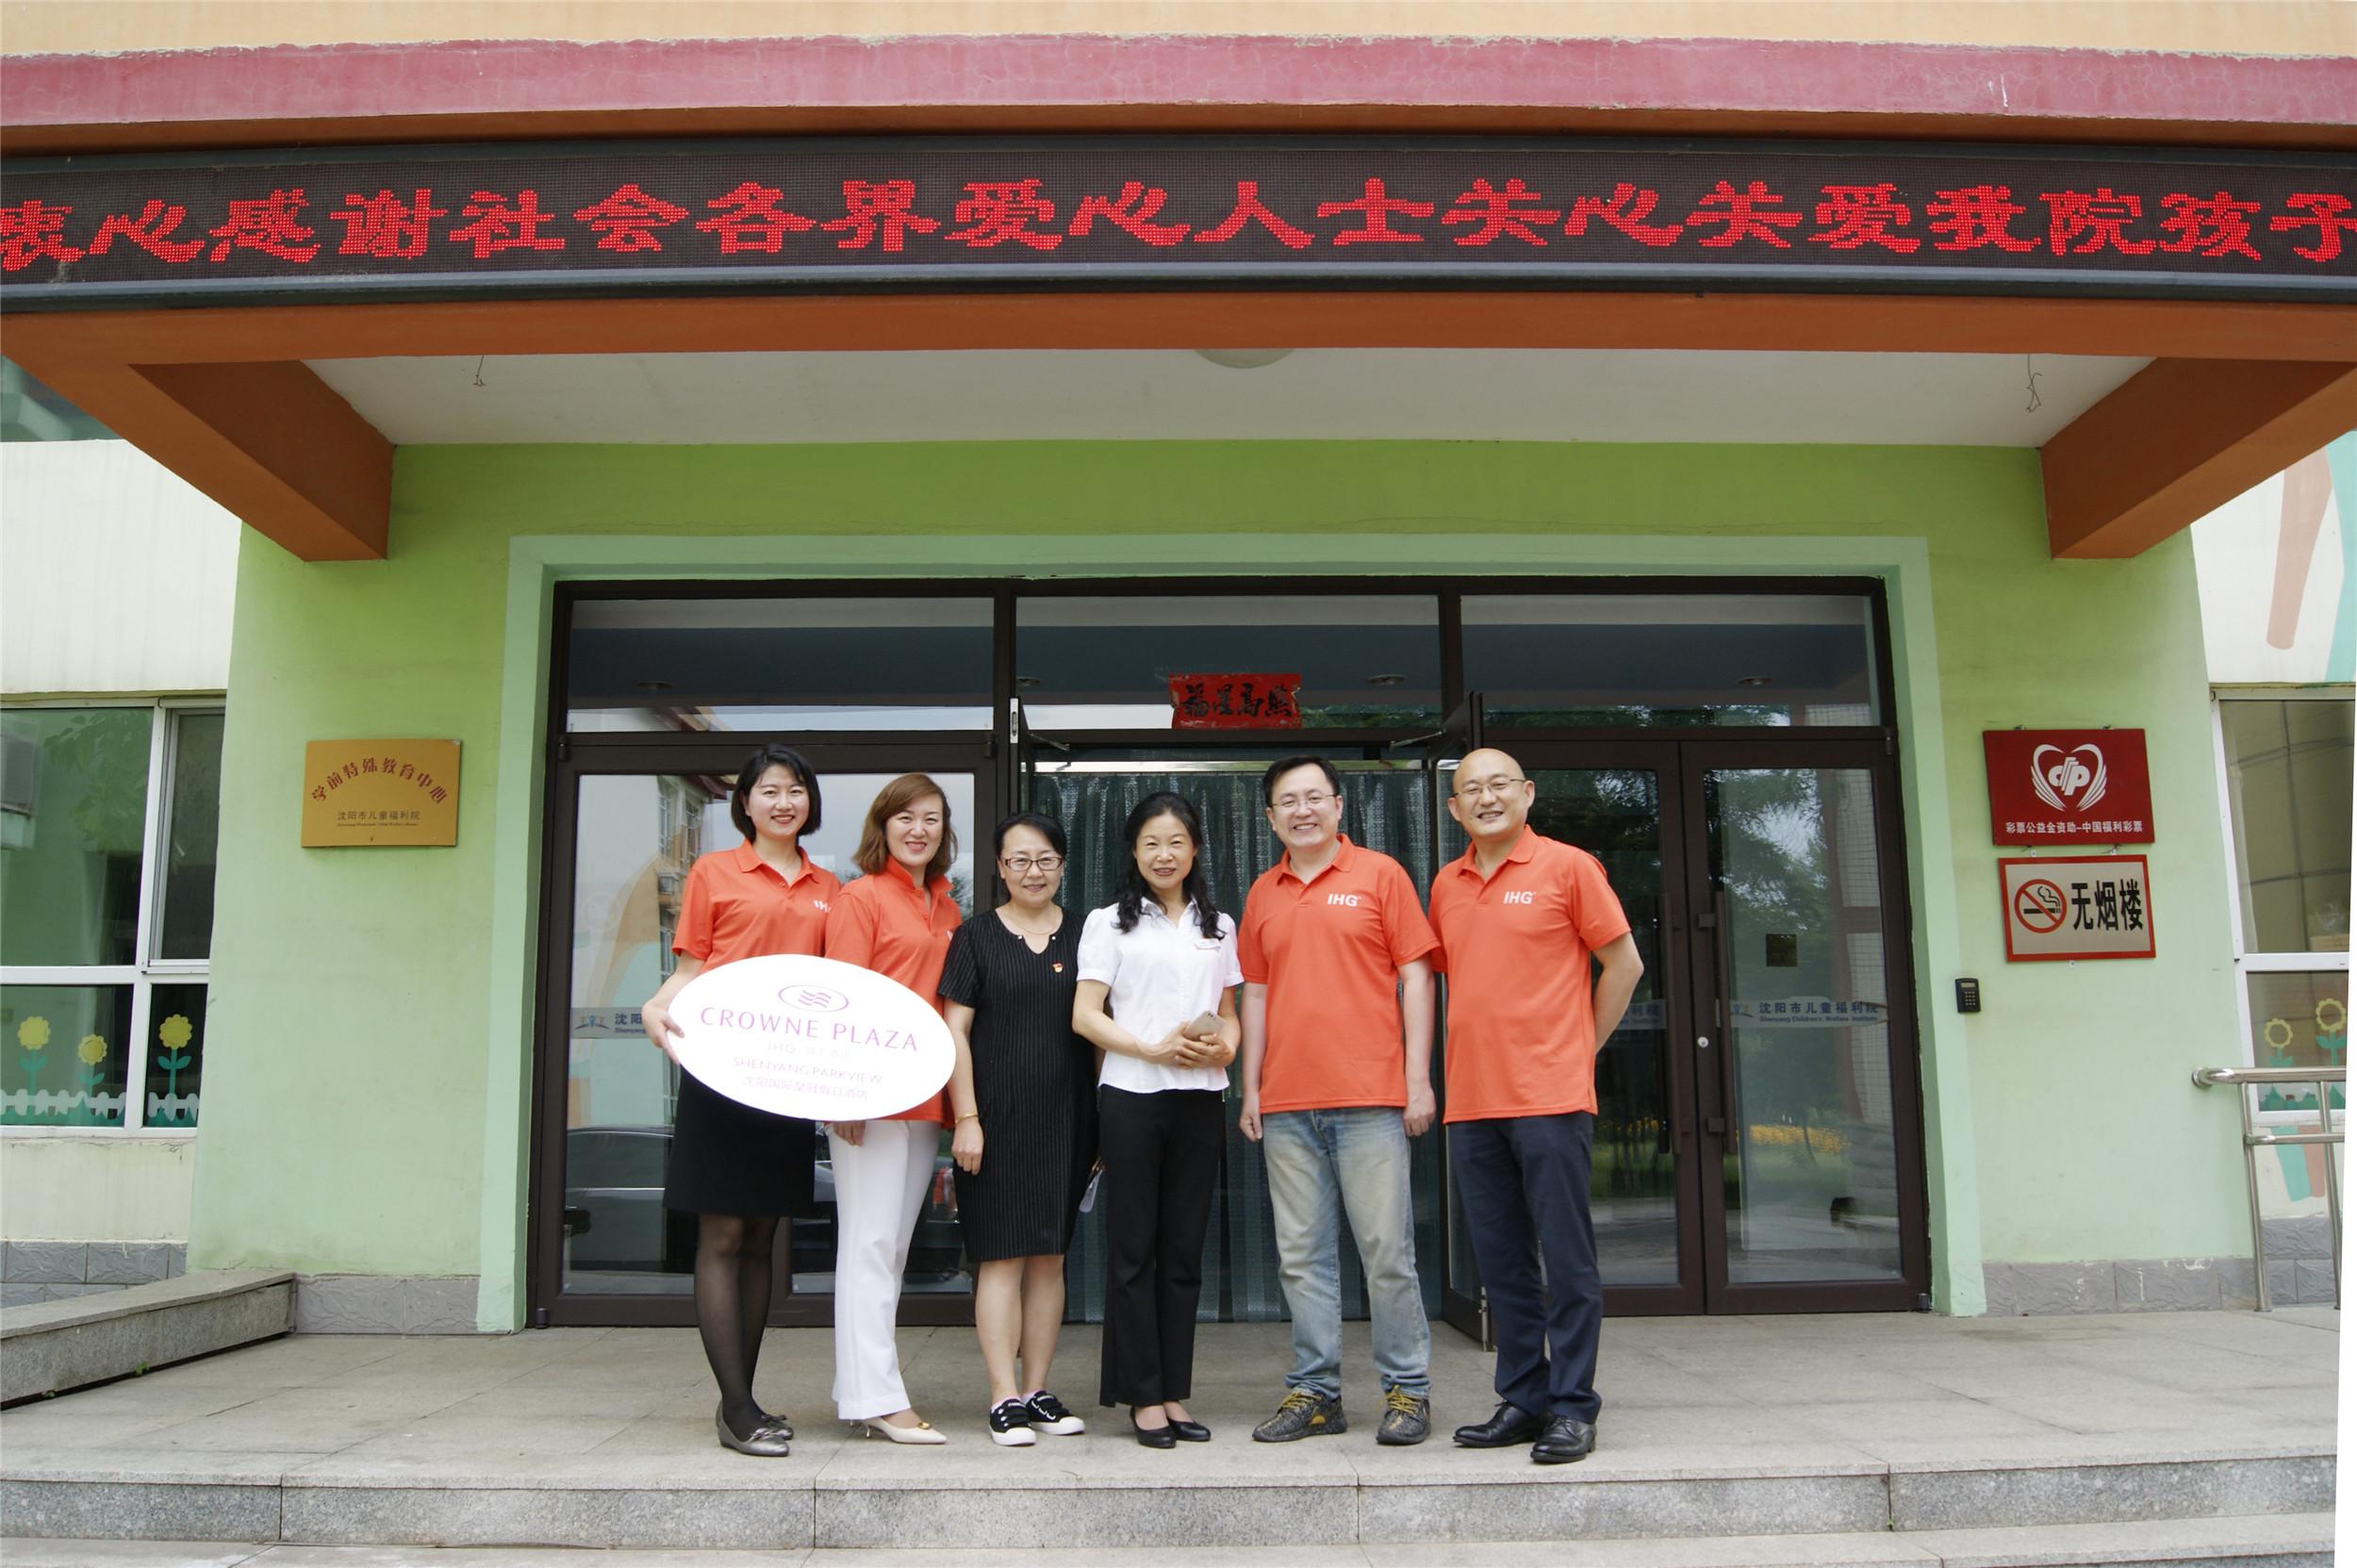 沈阳国际皇冠假日酒店携手沈阳市儿童福利院暖心之行